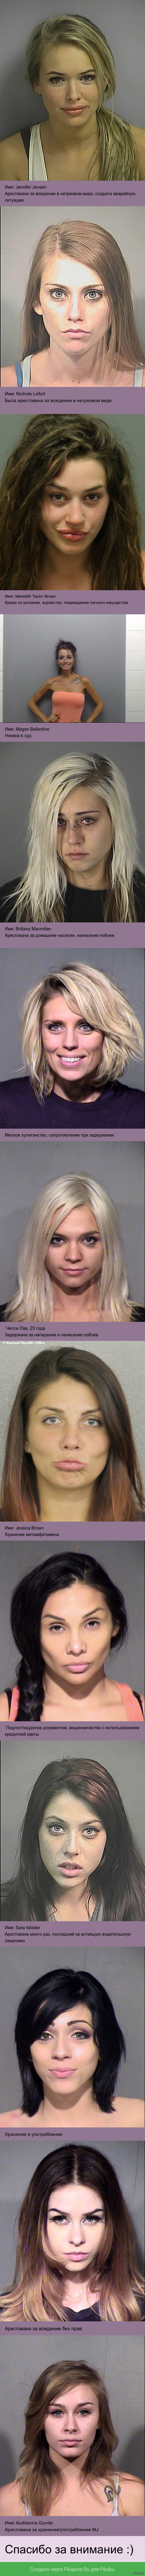 Немного прекрасных женщин Арестованы за кражу ваших сердец